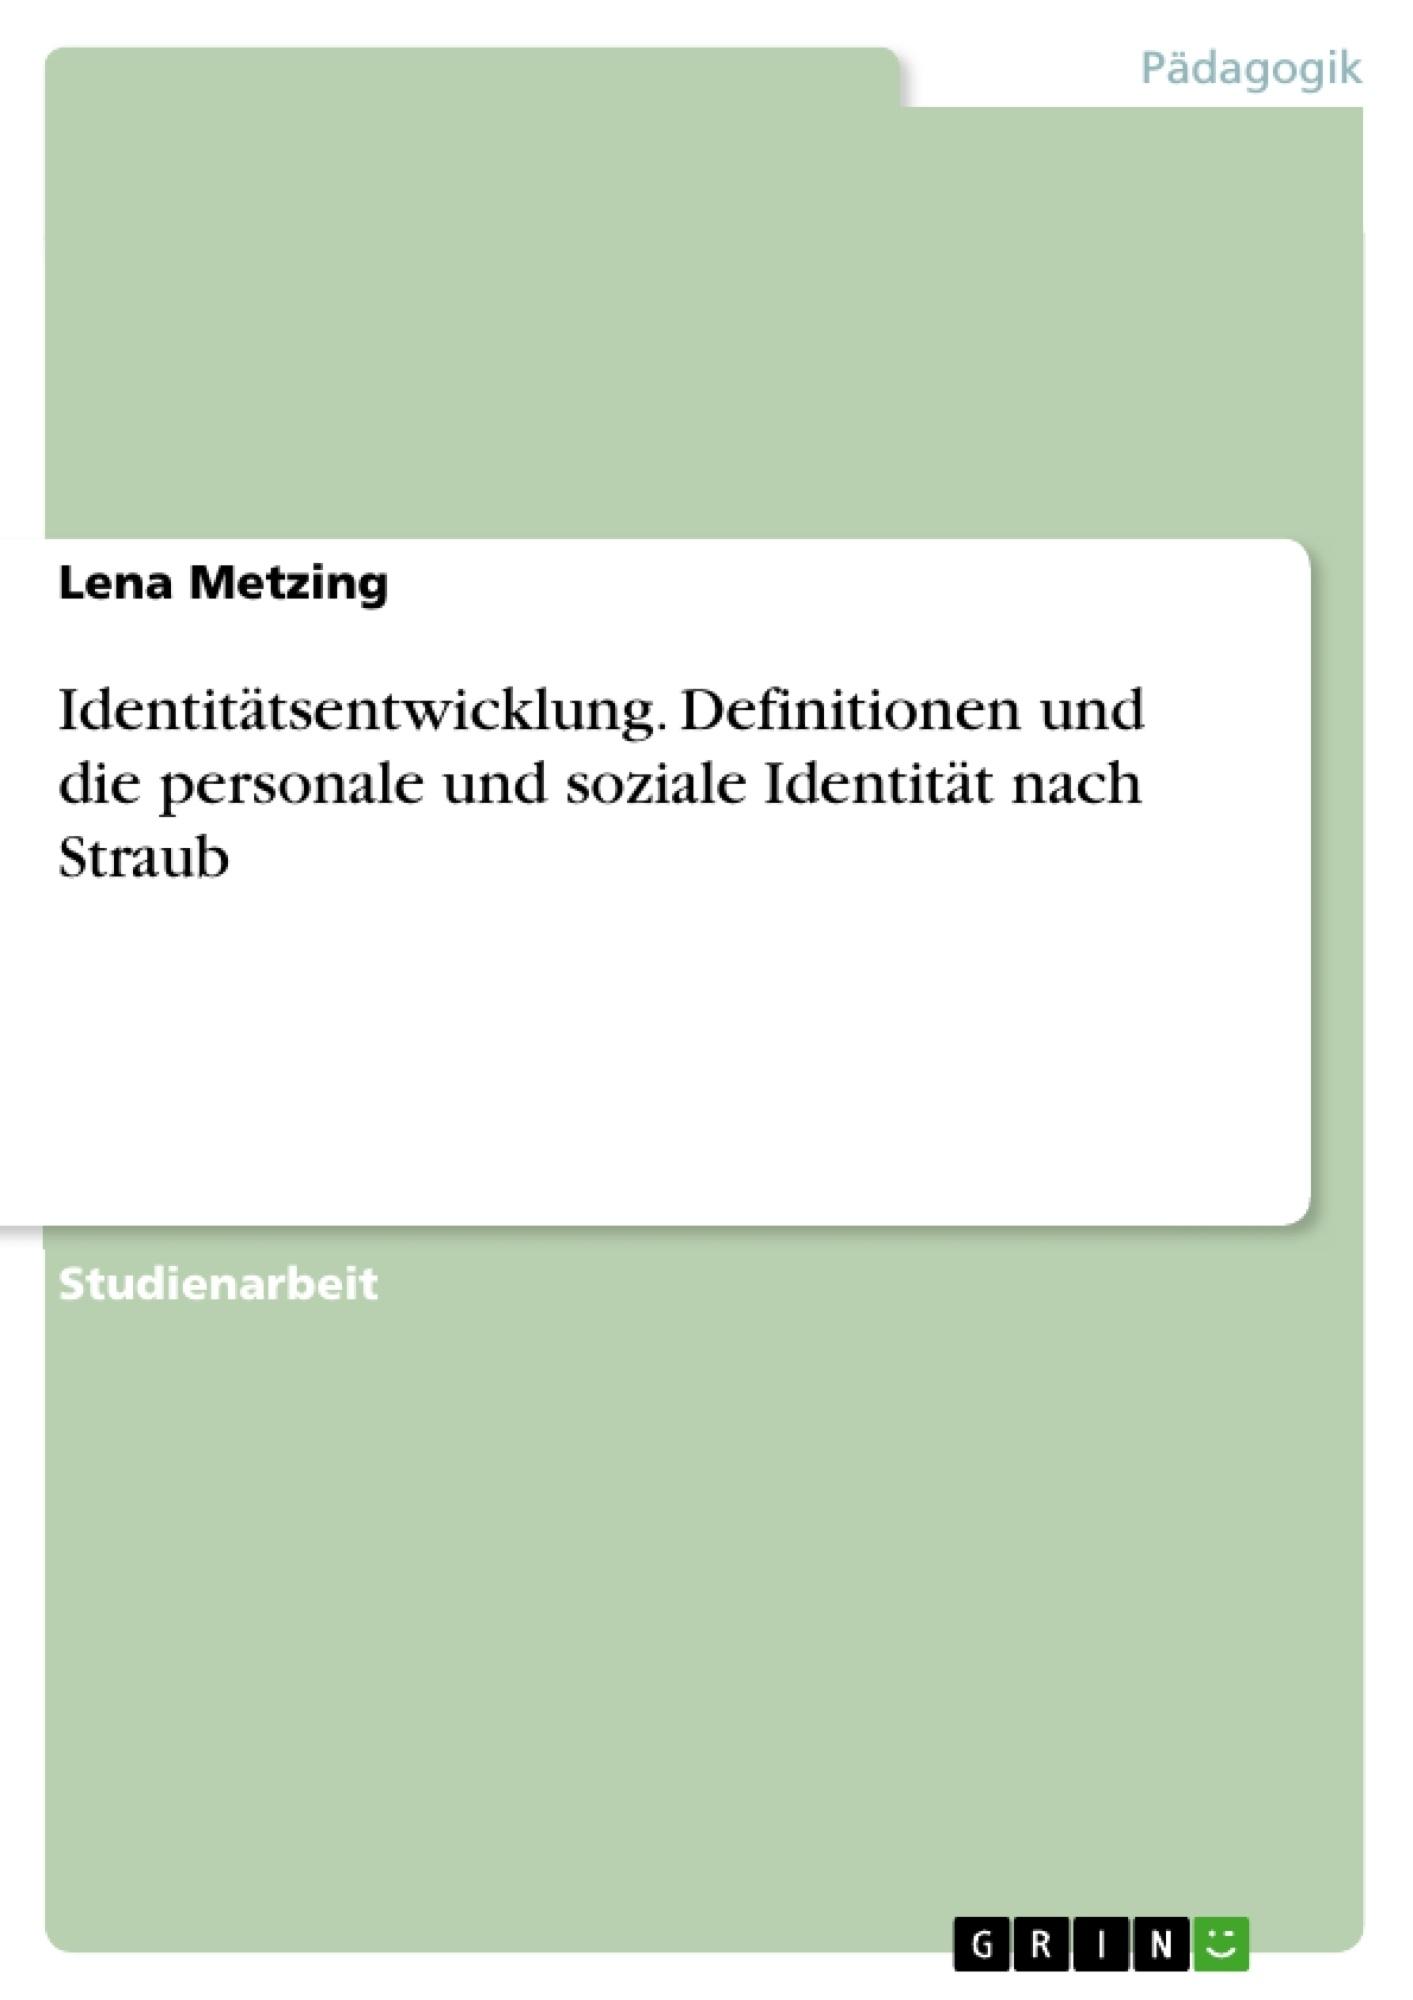 Titel: Identitätsentwicklung. Definitionen und die personale und soziale Identität nach Straub